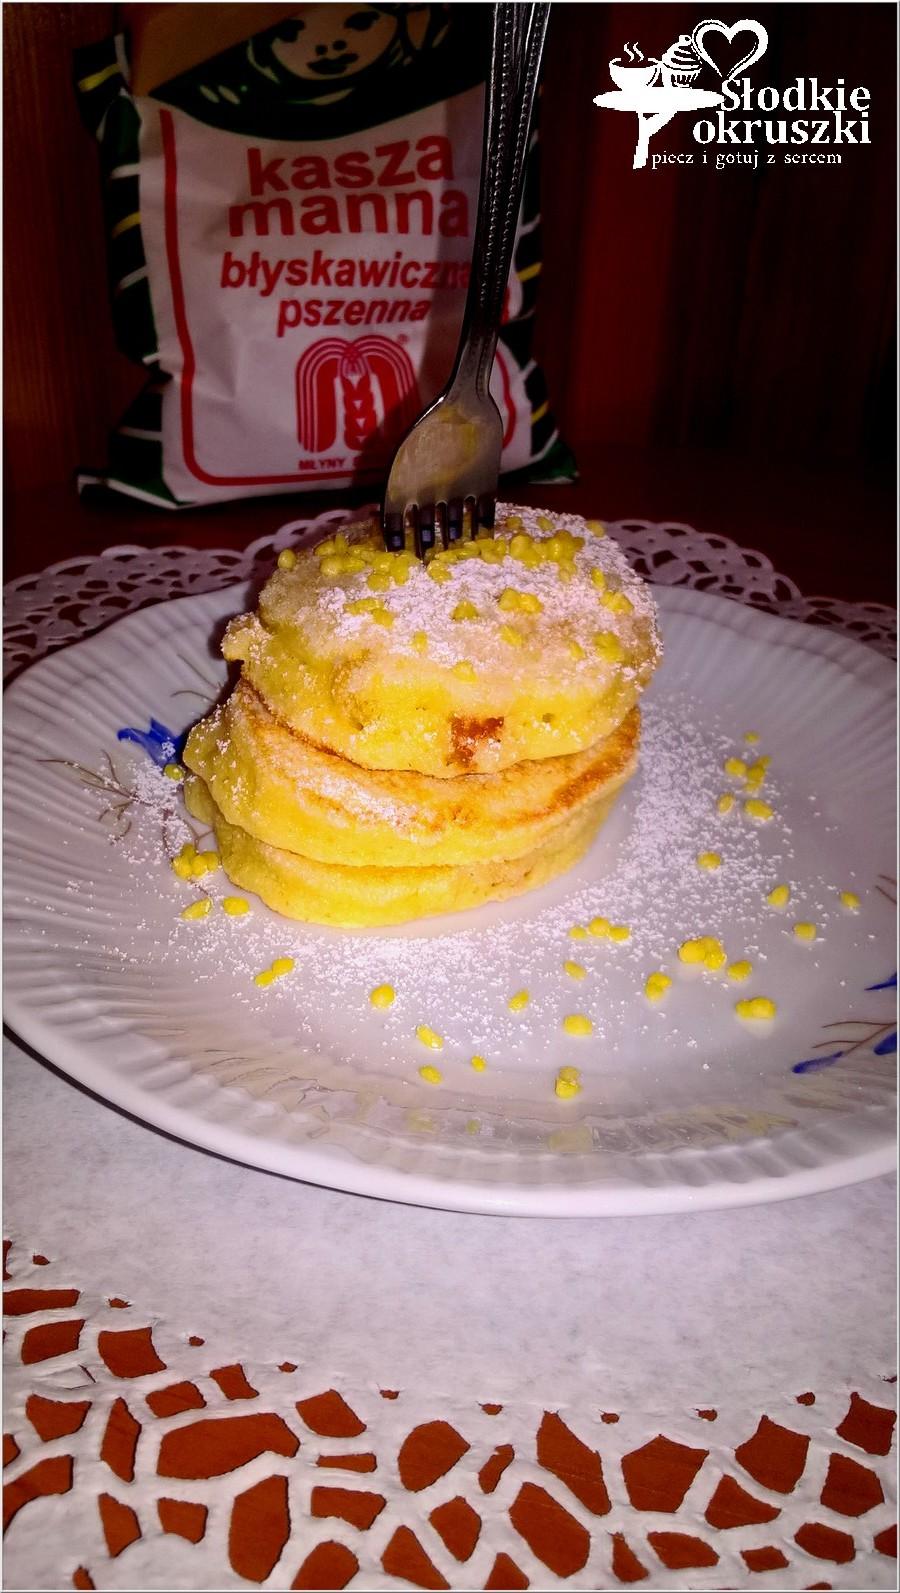 Placuszki z kaszy manny ze skórką pomarańczową (na oleju kokosowym) (1)